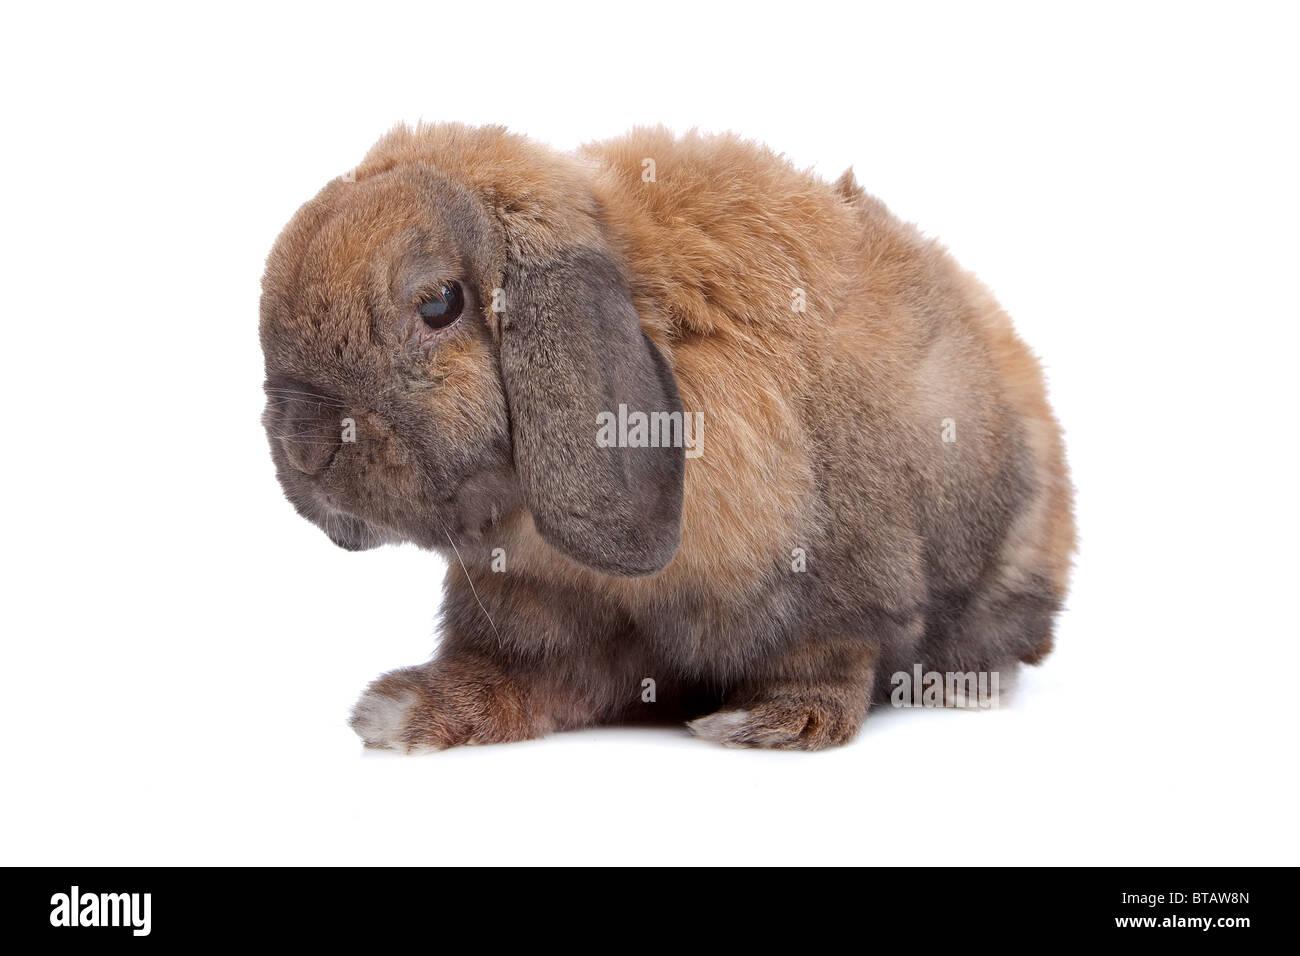 rabbit  isolated on white - Stock Image